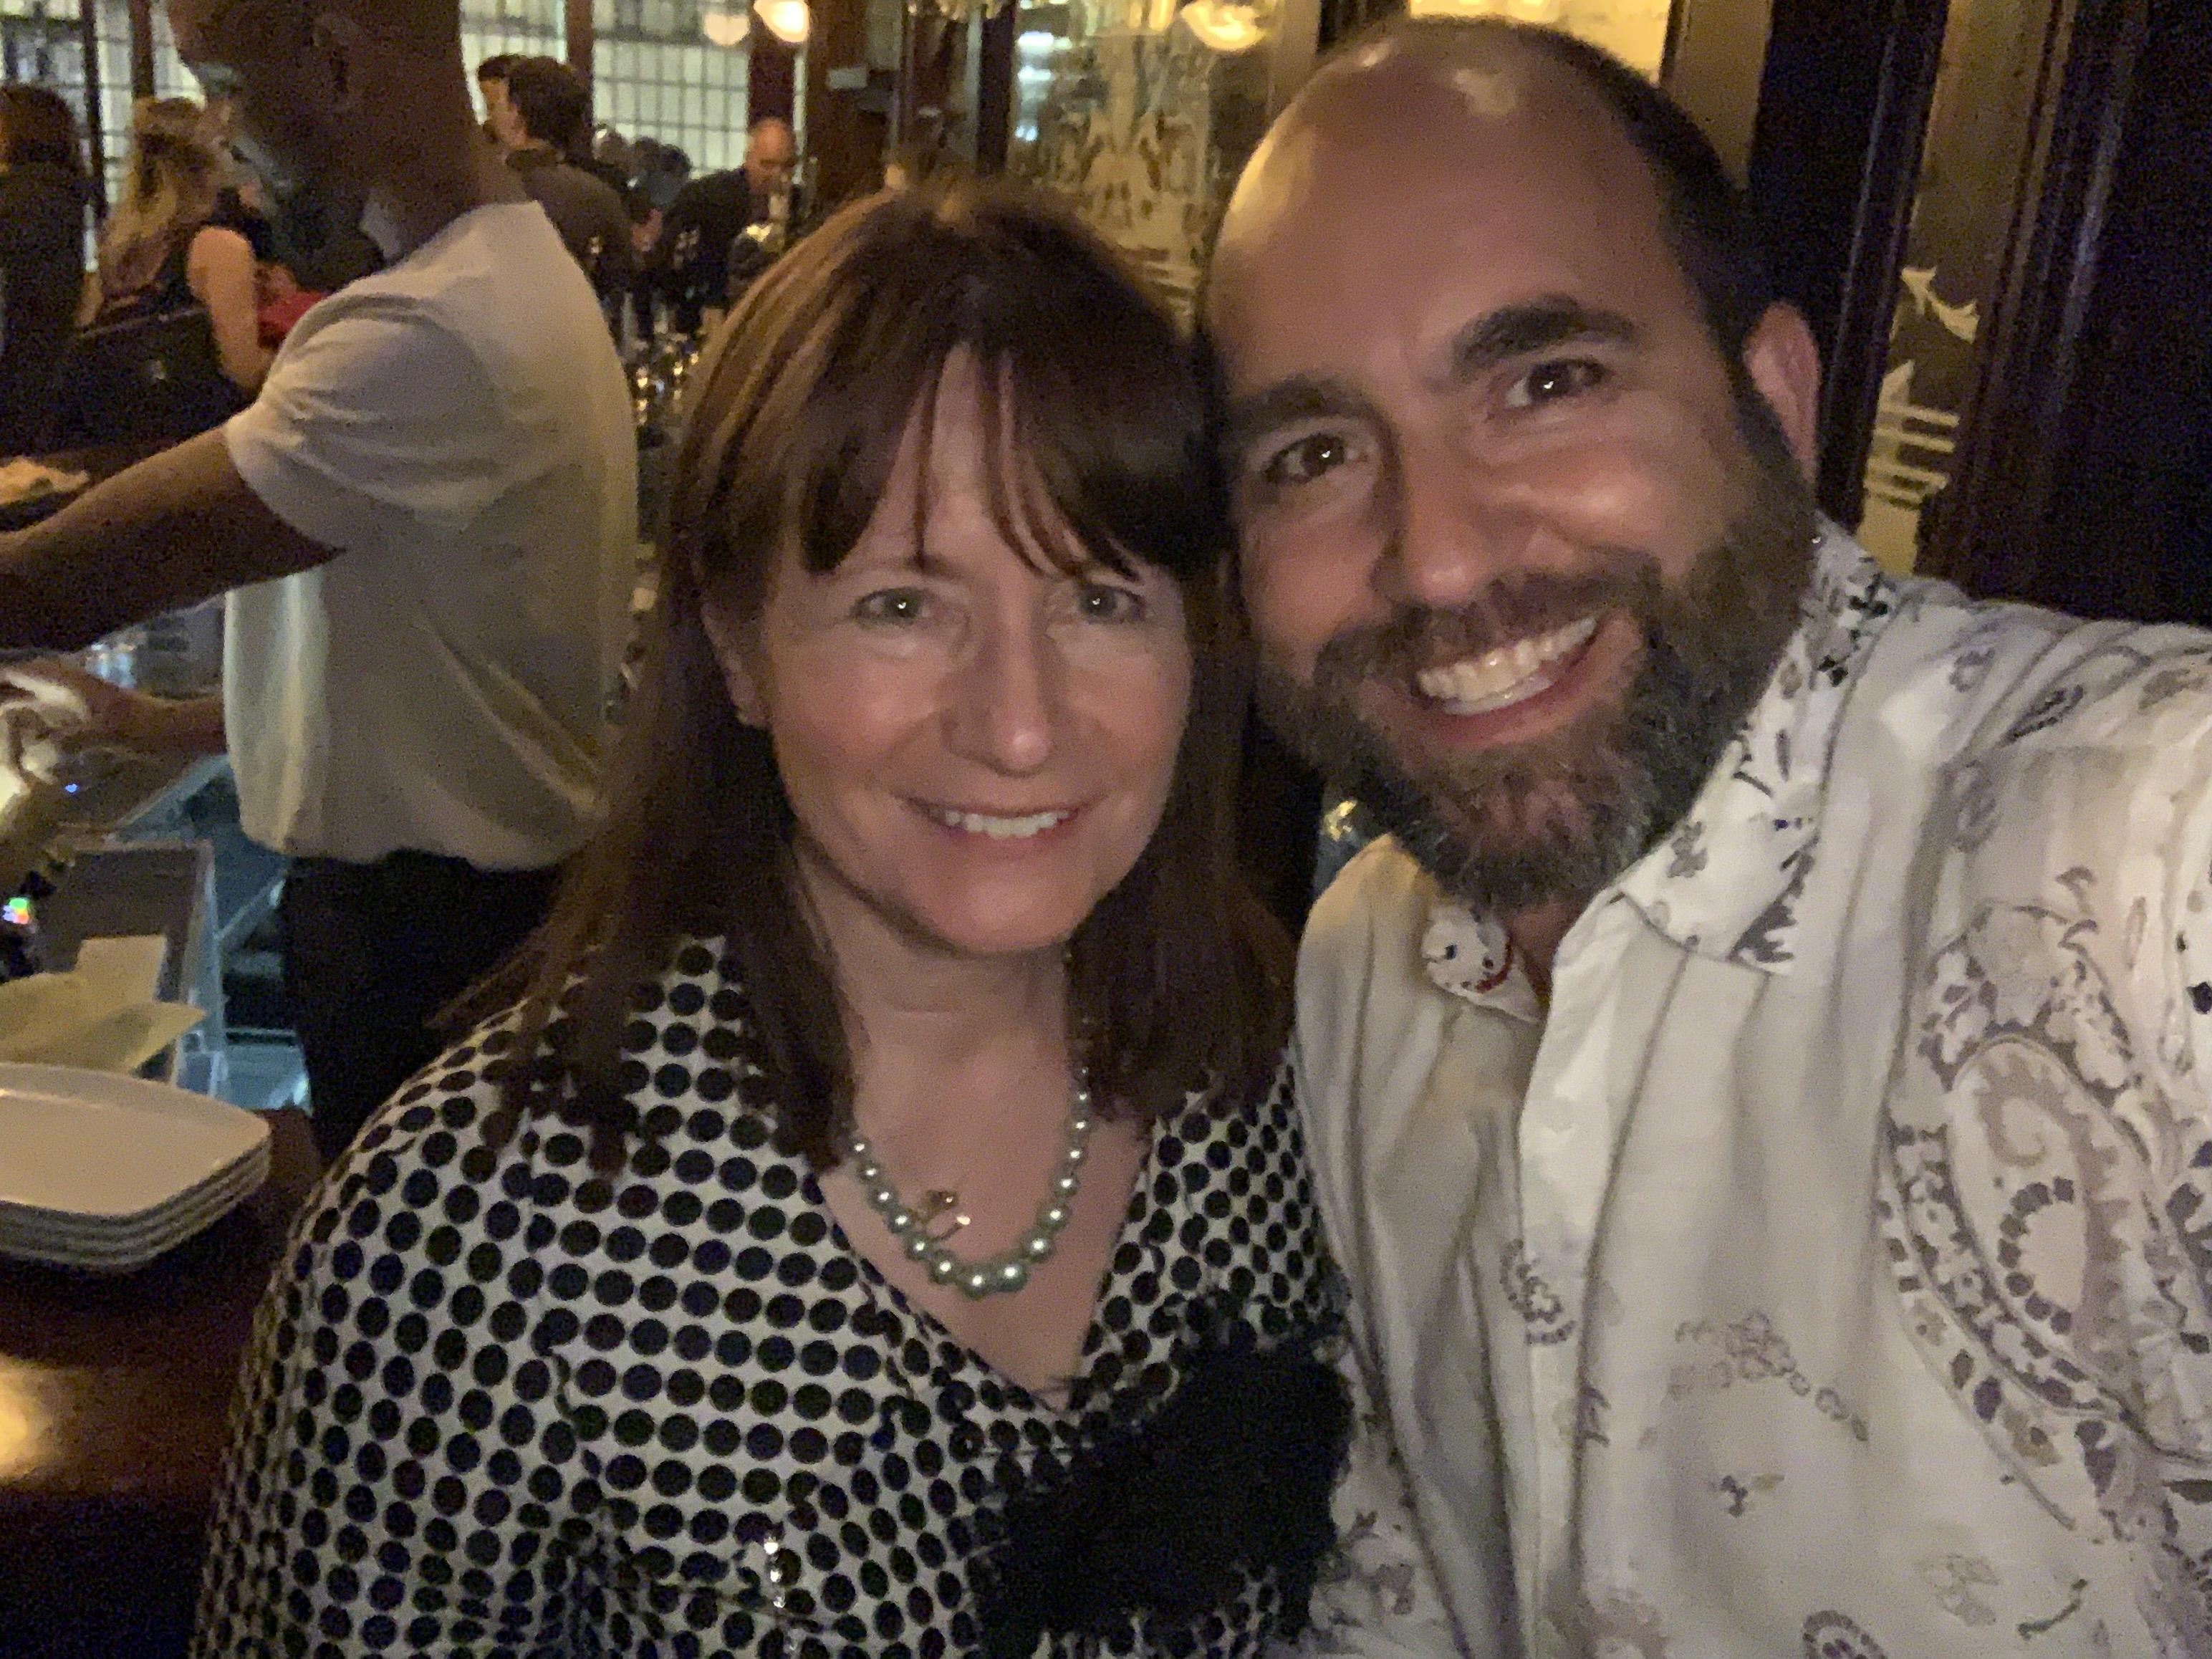 Tony Serebriany and Mary at DISTOY pub e